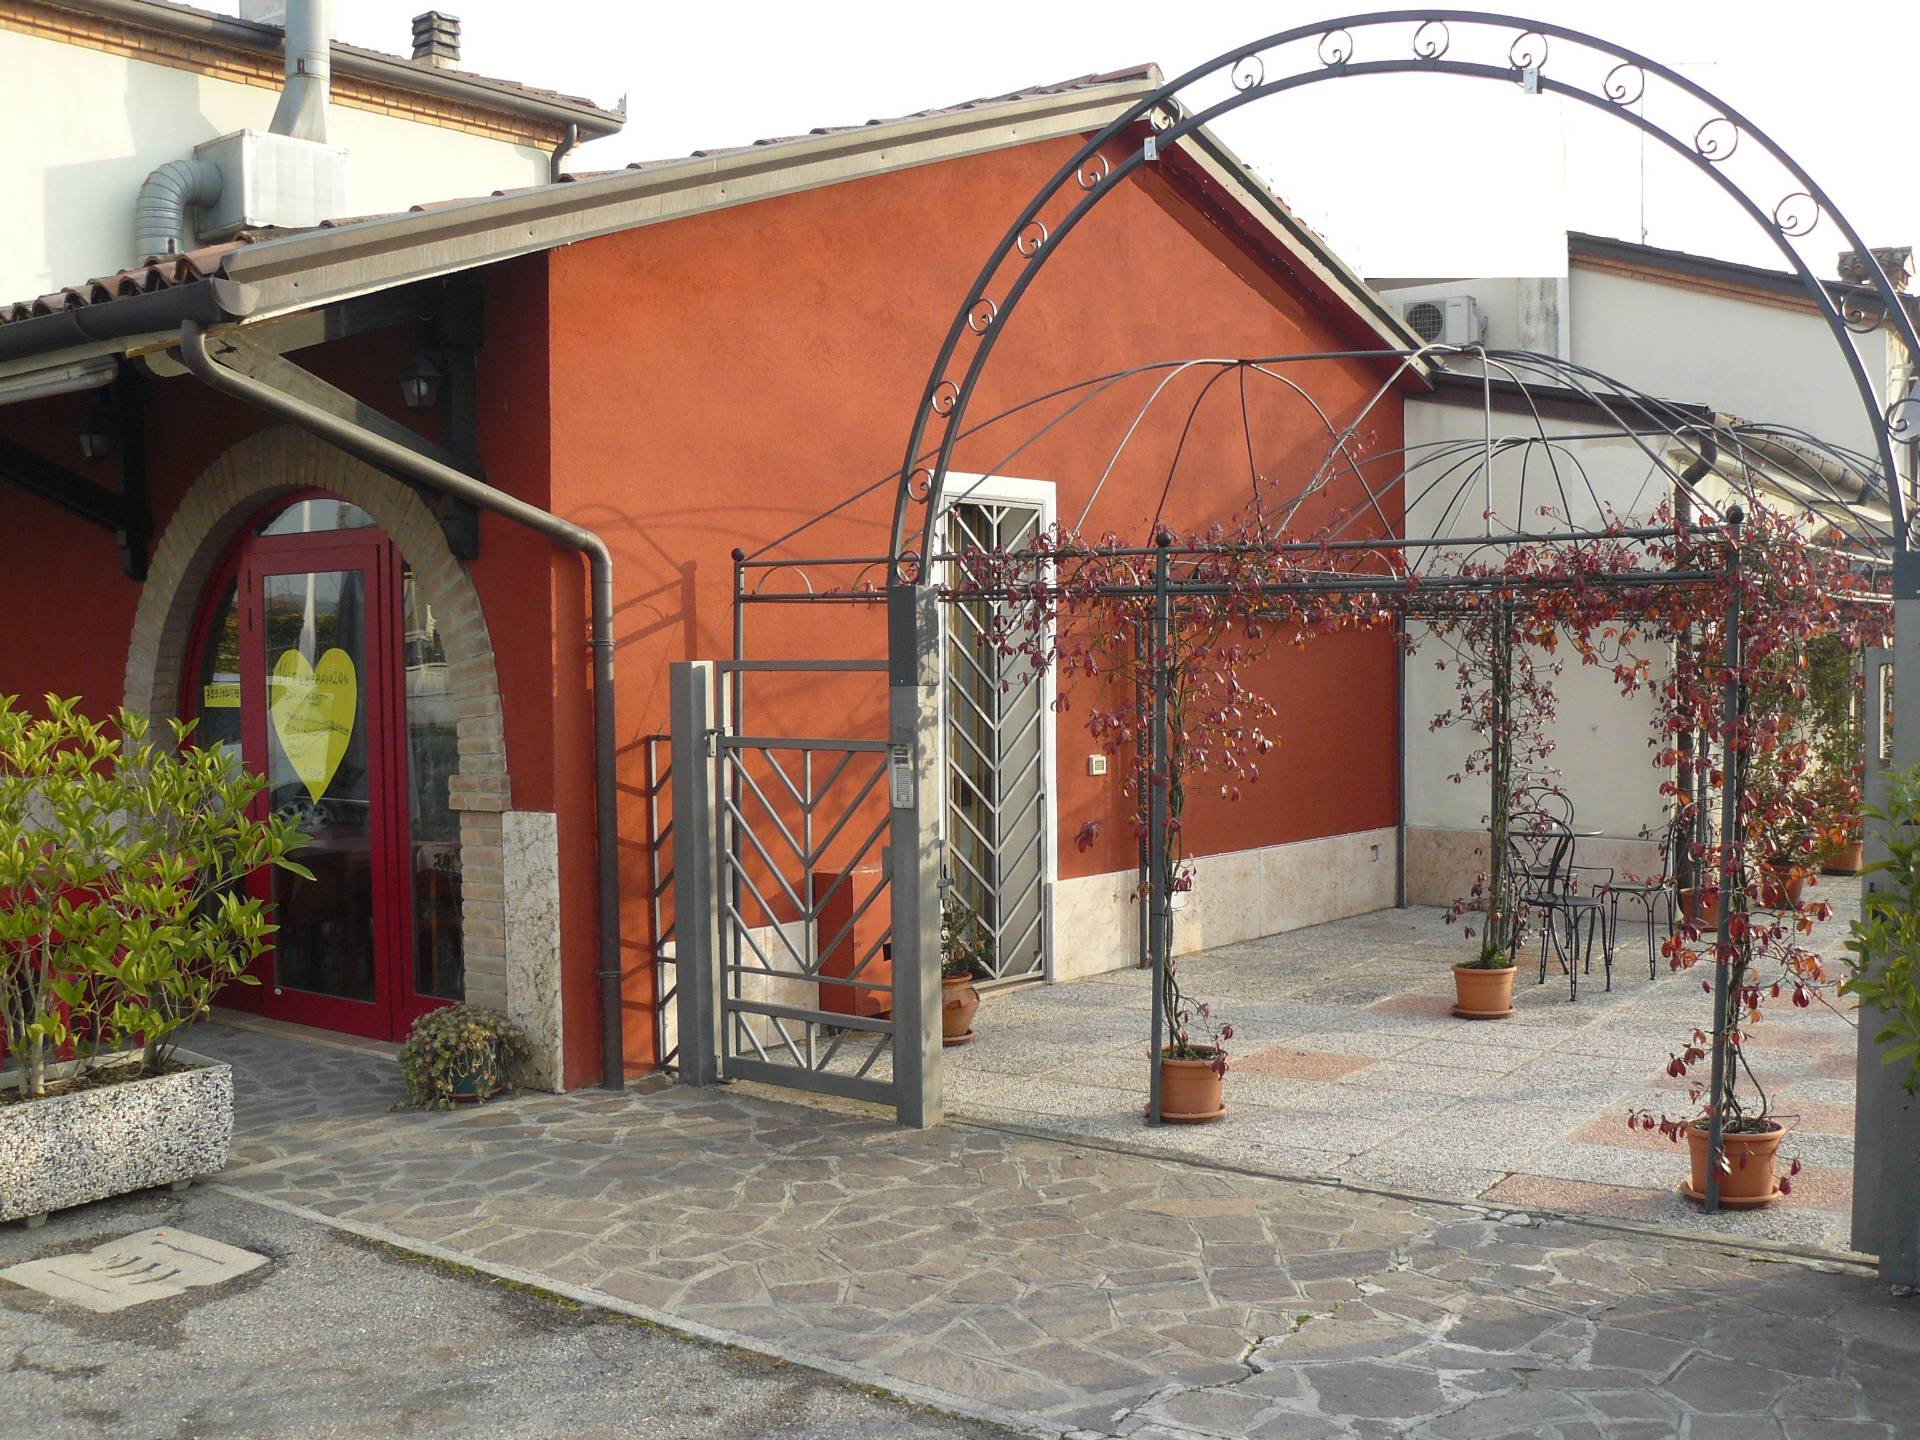 Negozio / Locale in vendita a Casale sul Sile, 9999 locali, zona Località: Conscio, prezzo € 179.000 | CambioCasa.it